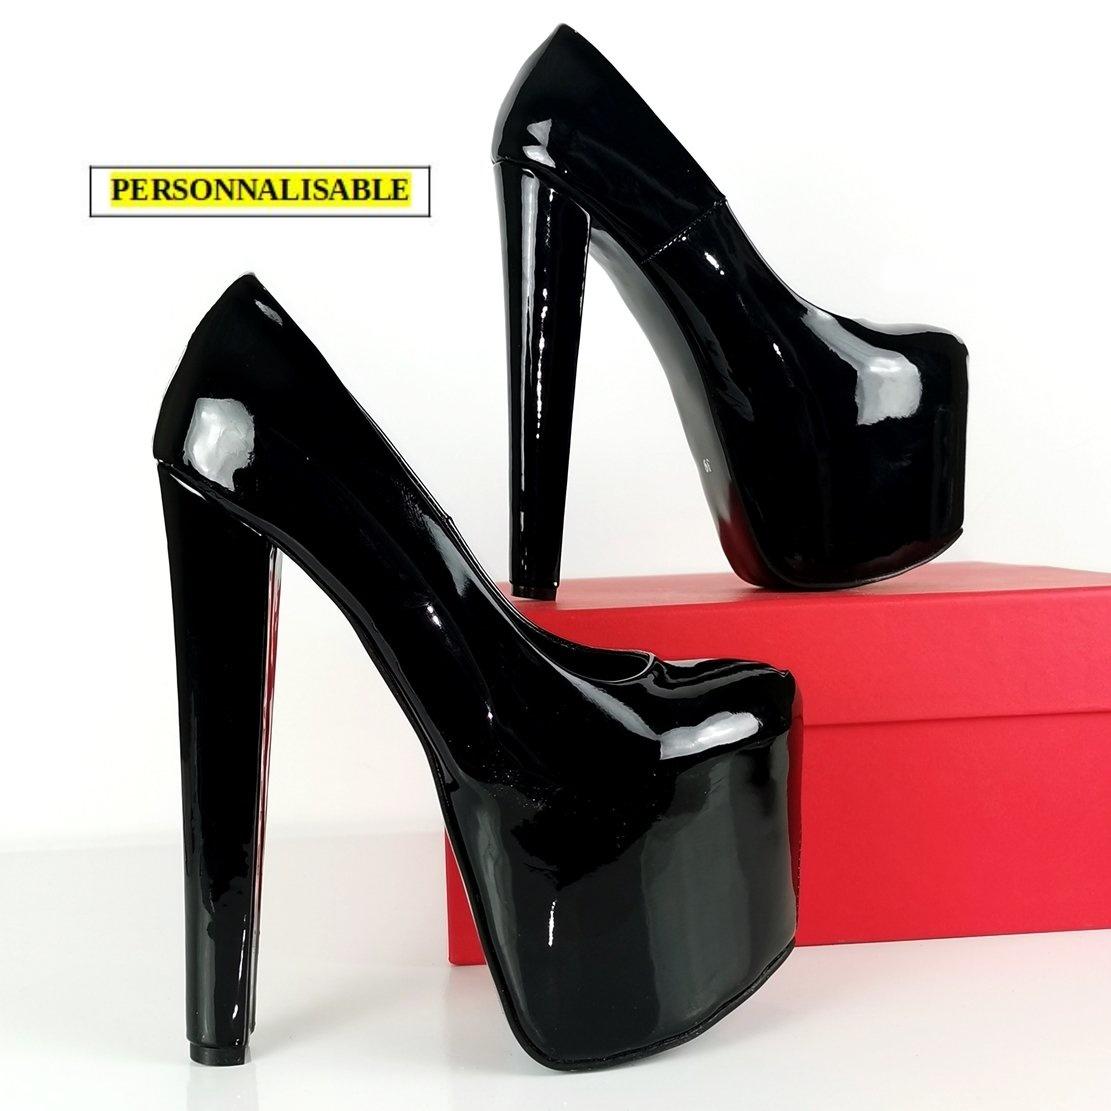 Chaussures plateformes à talon haut - Noir vernis